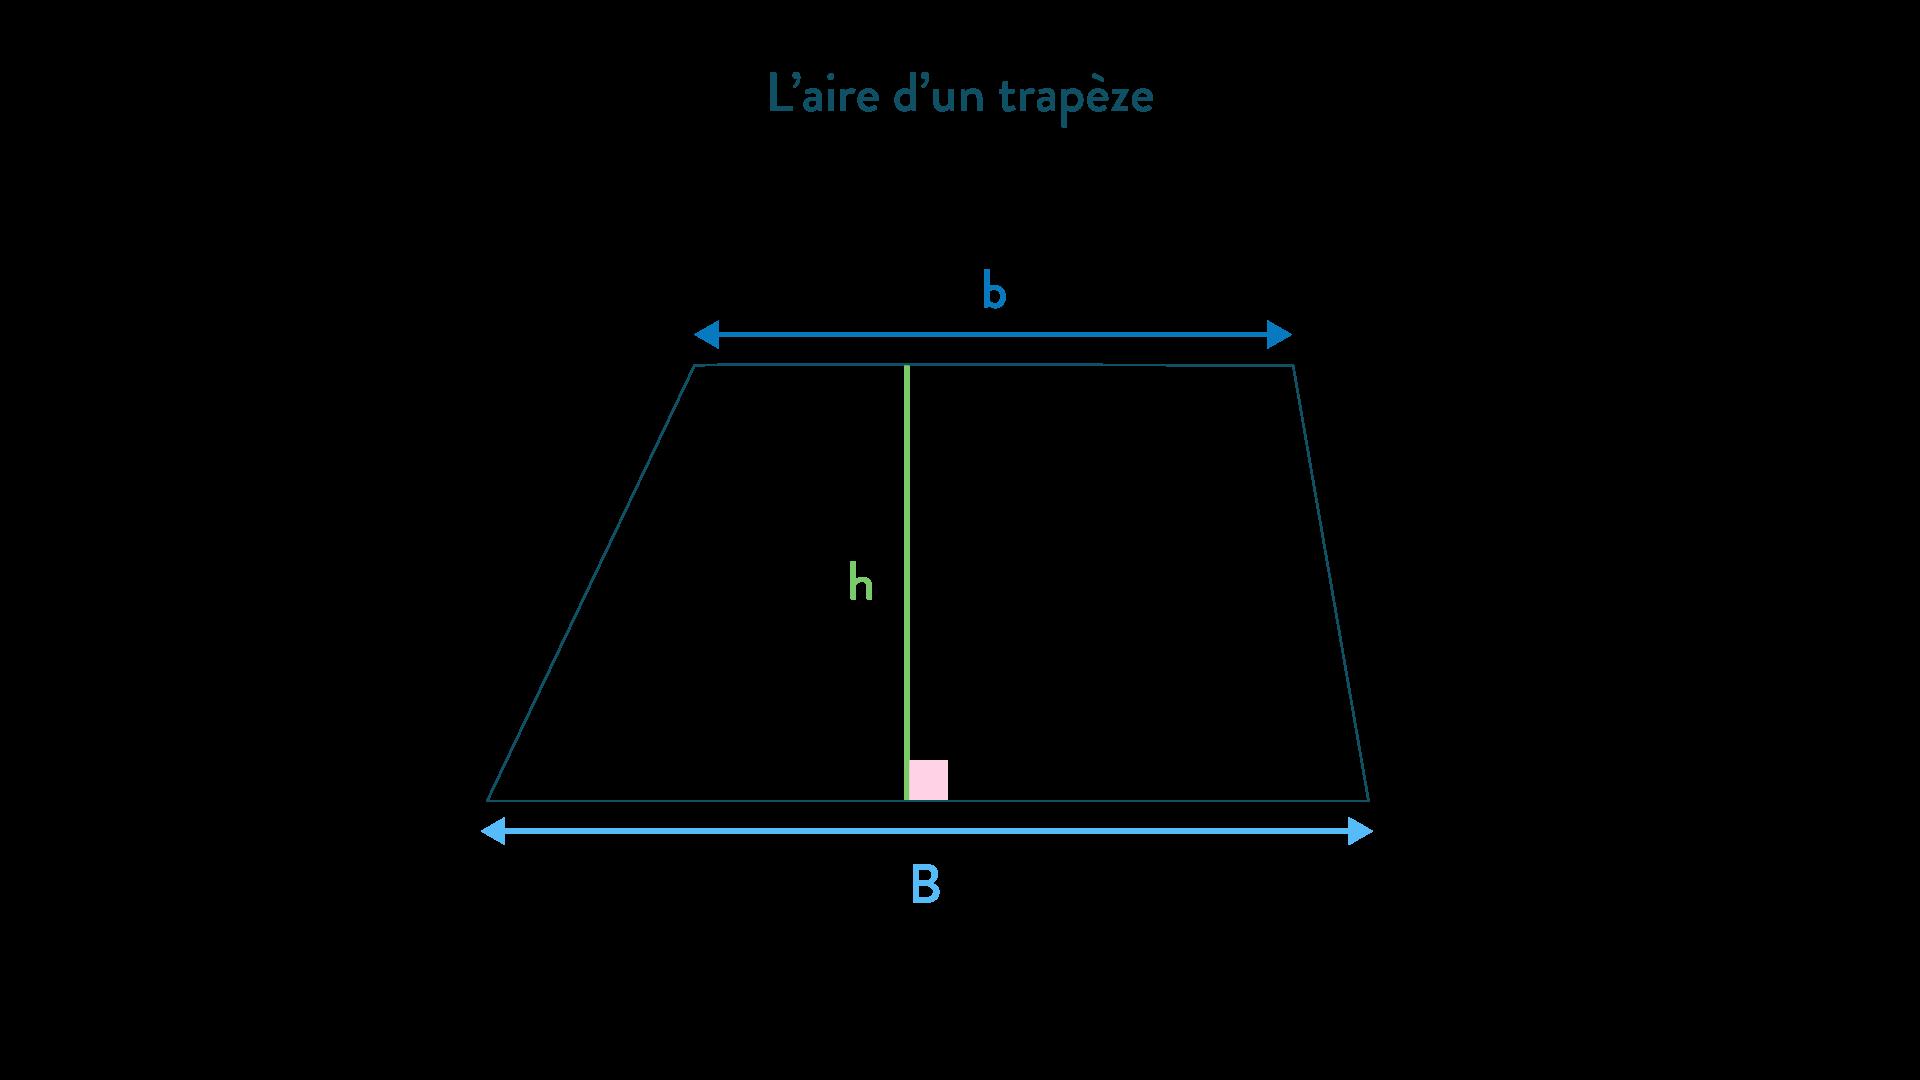 aire d'un triangle rectangle calculer des périmètres et des aires mathématiques cinquième